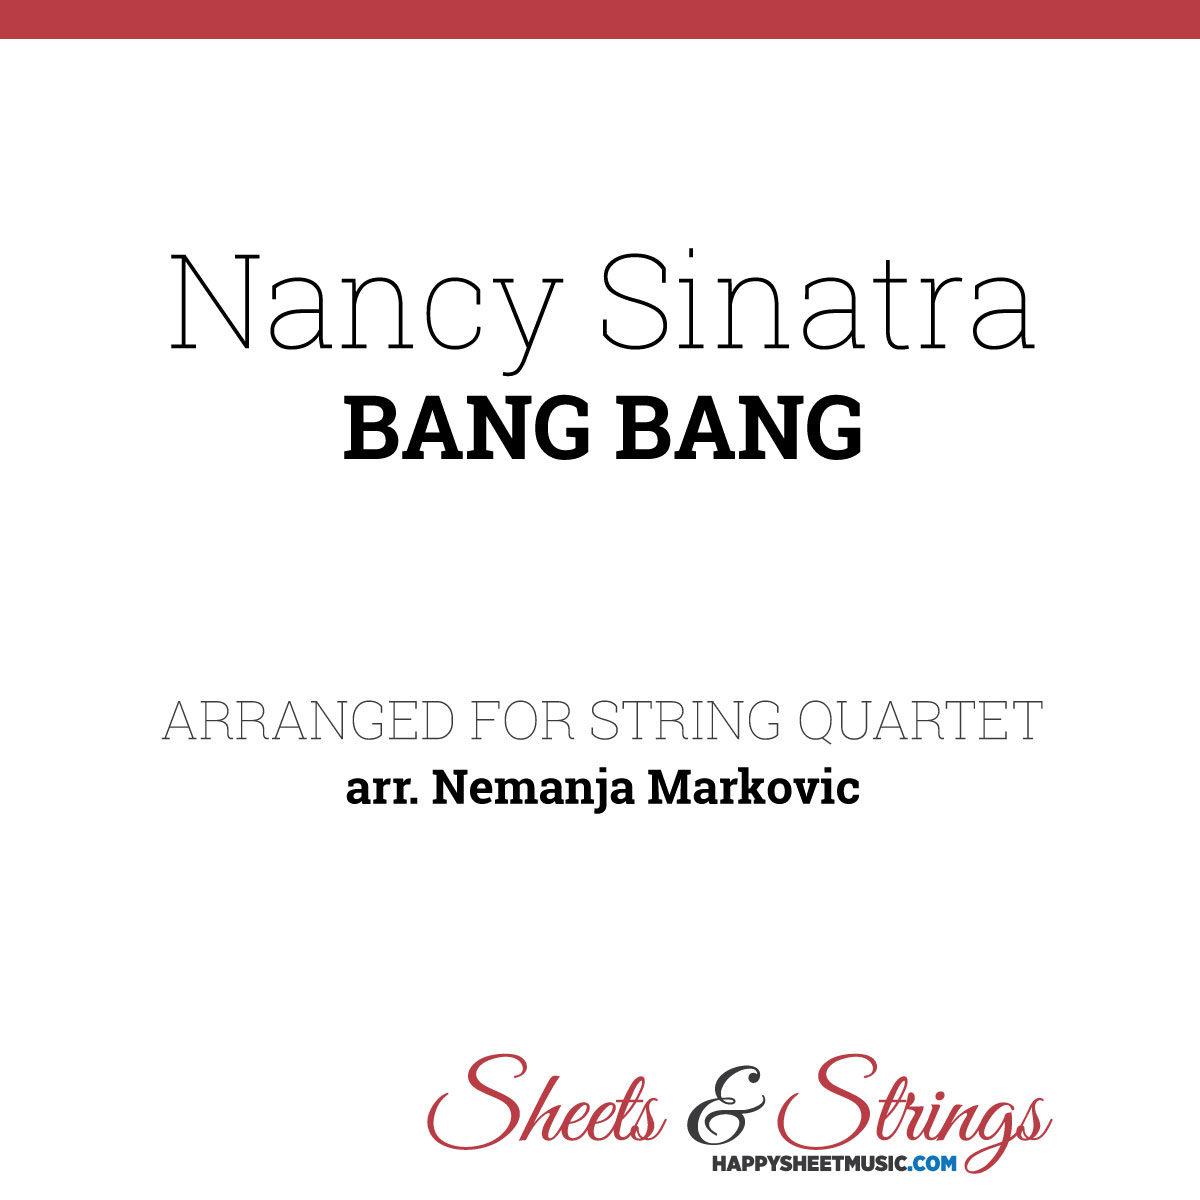 Nancy Sinatra - Bang Bang - Sheet Music for String Quartet - Music Arrangement for String Quartet